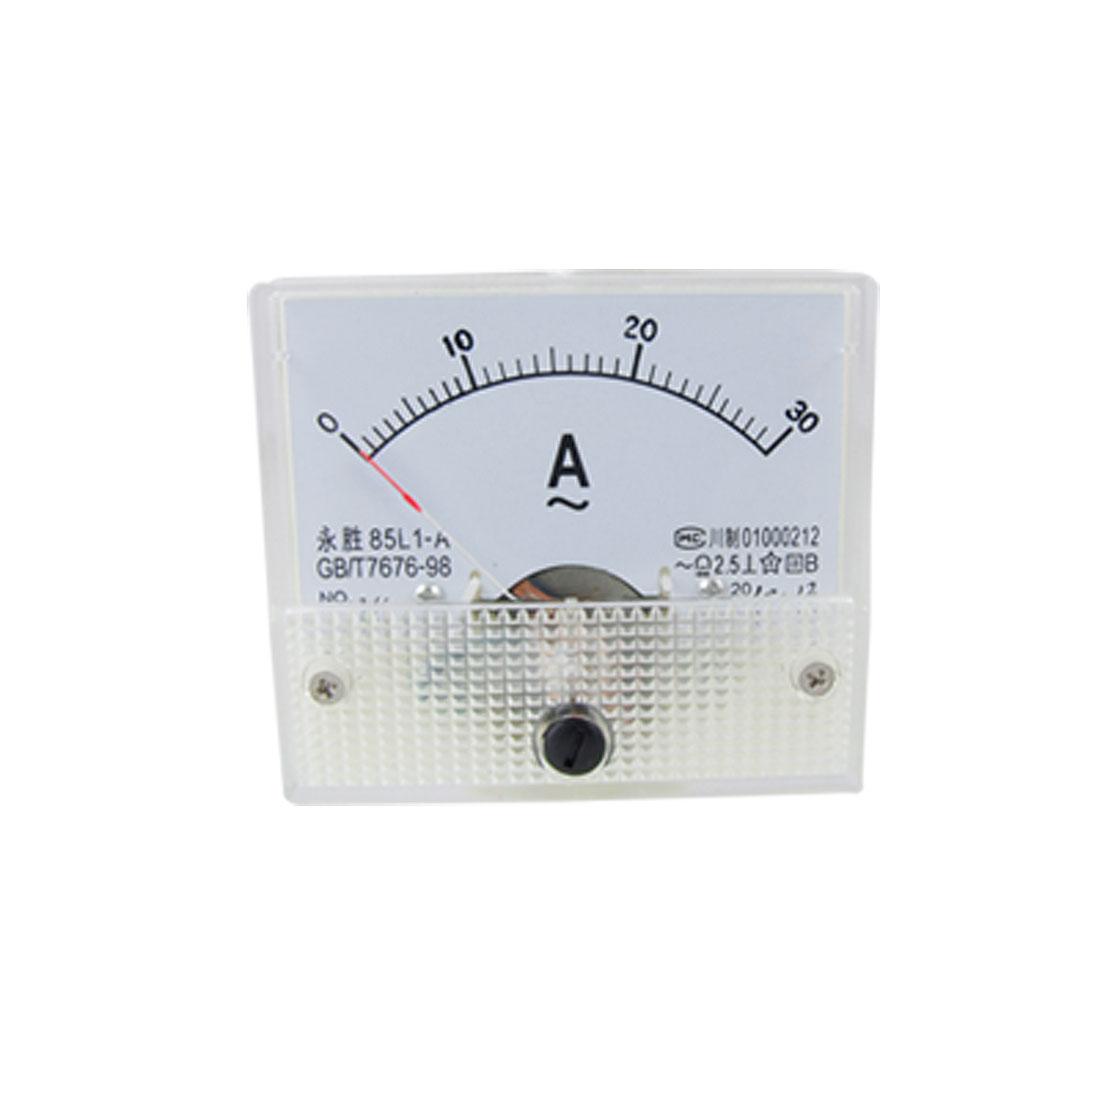 AC 1-30A Analog Amperemeter Panel Meter Gauge 85L1-A